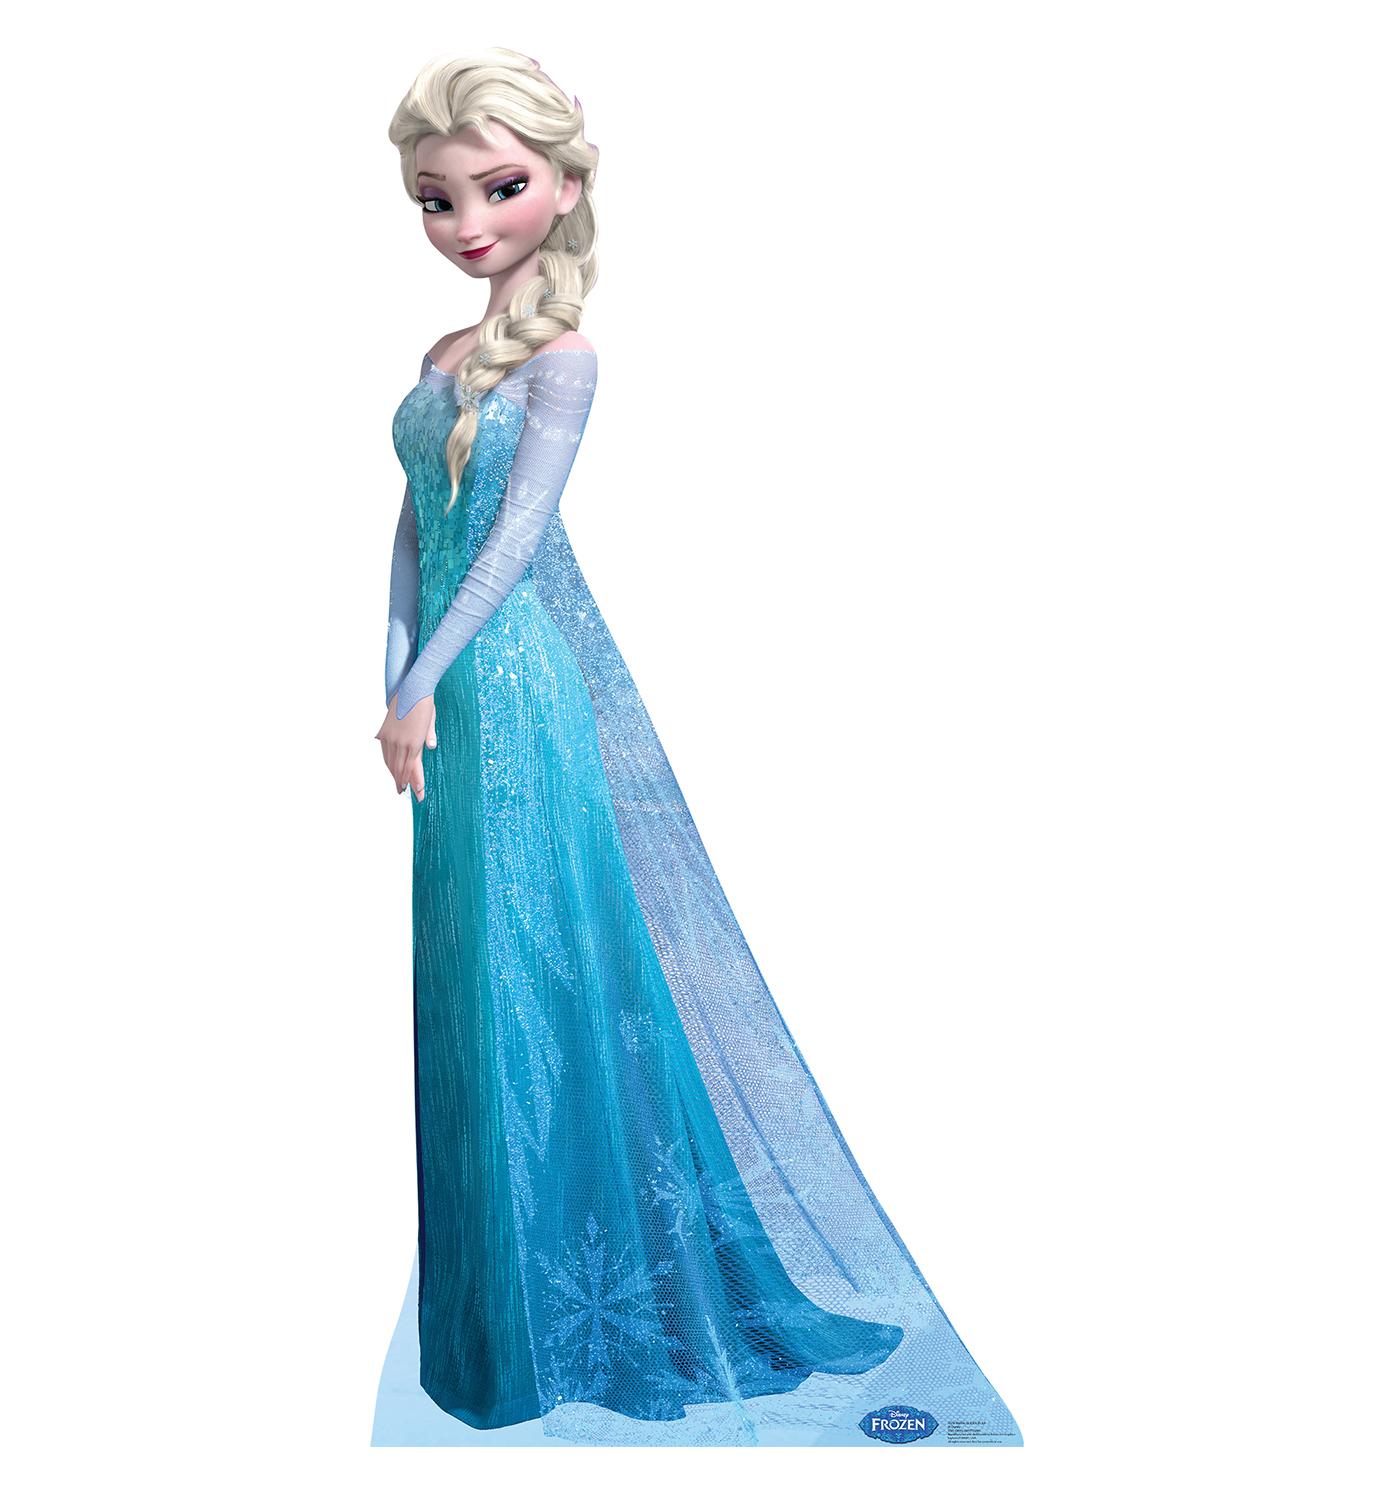 clipart free Free cliparts download clip. Elsa clipart